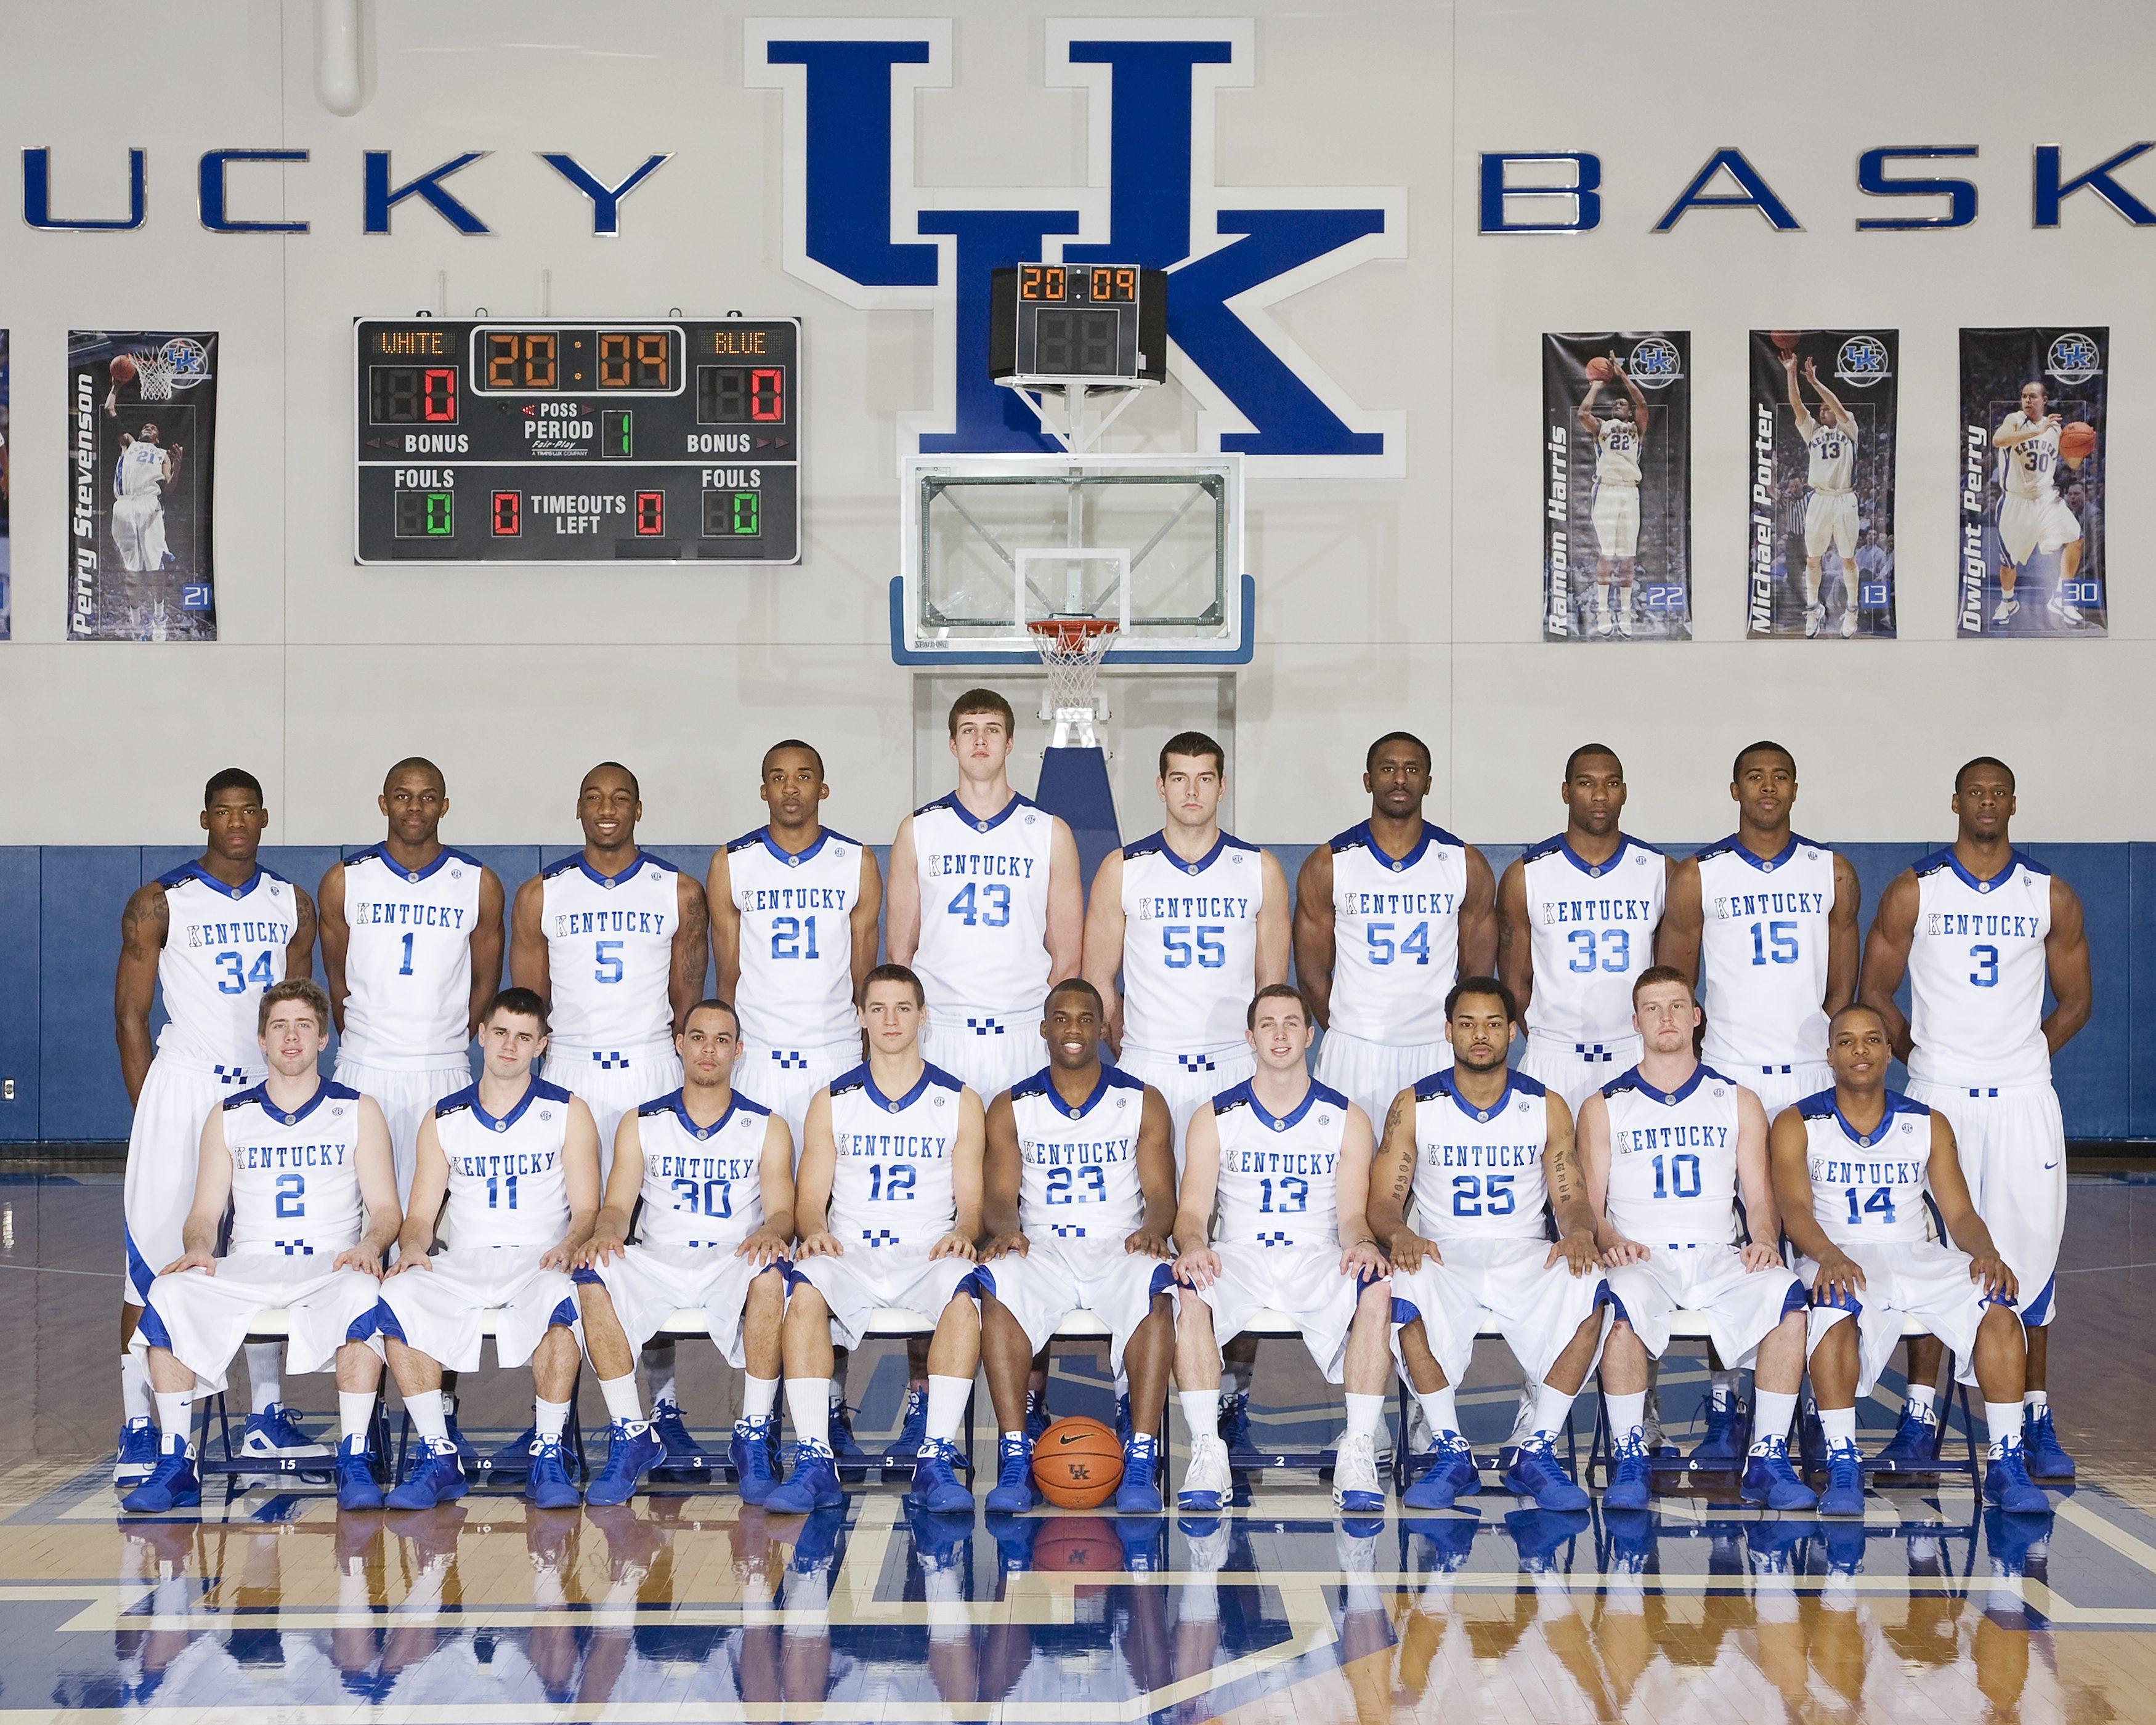 Kentucky Wildcats Men S Basketball: 2010 Kentucky Basketball Roster